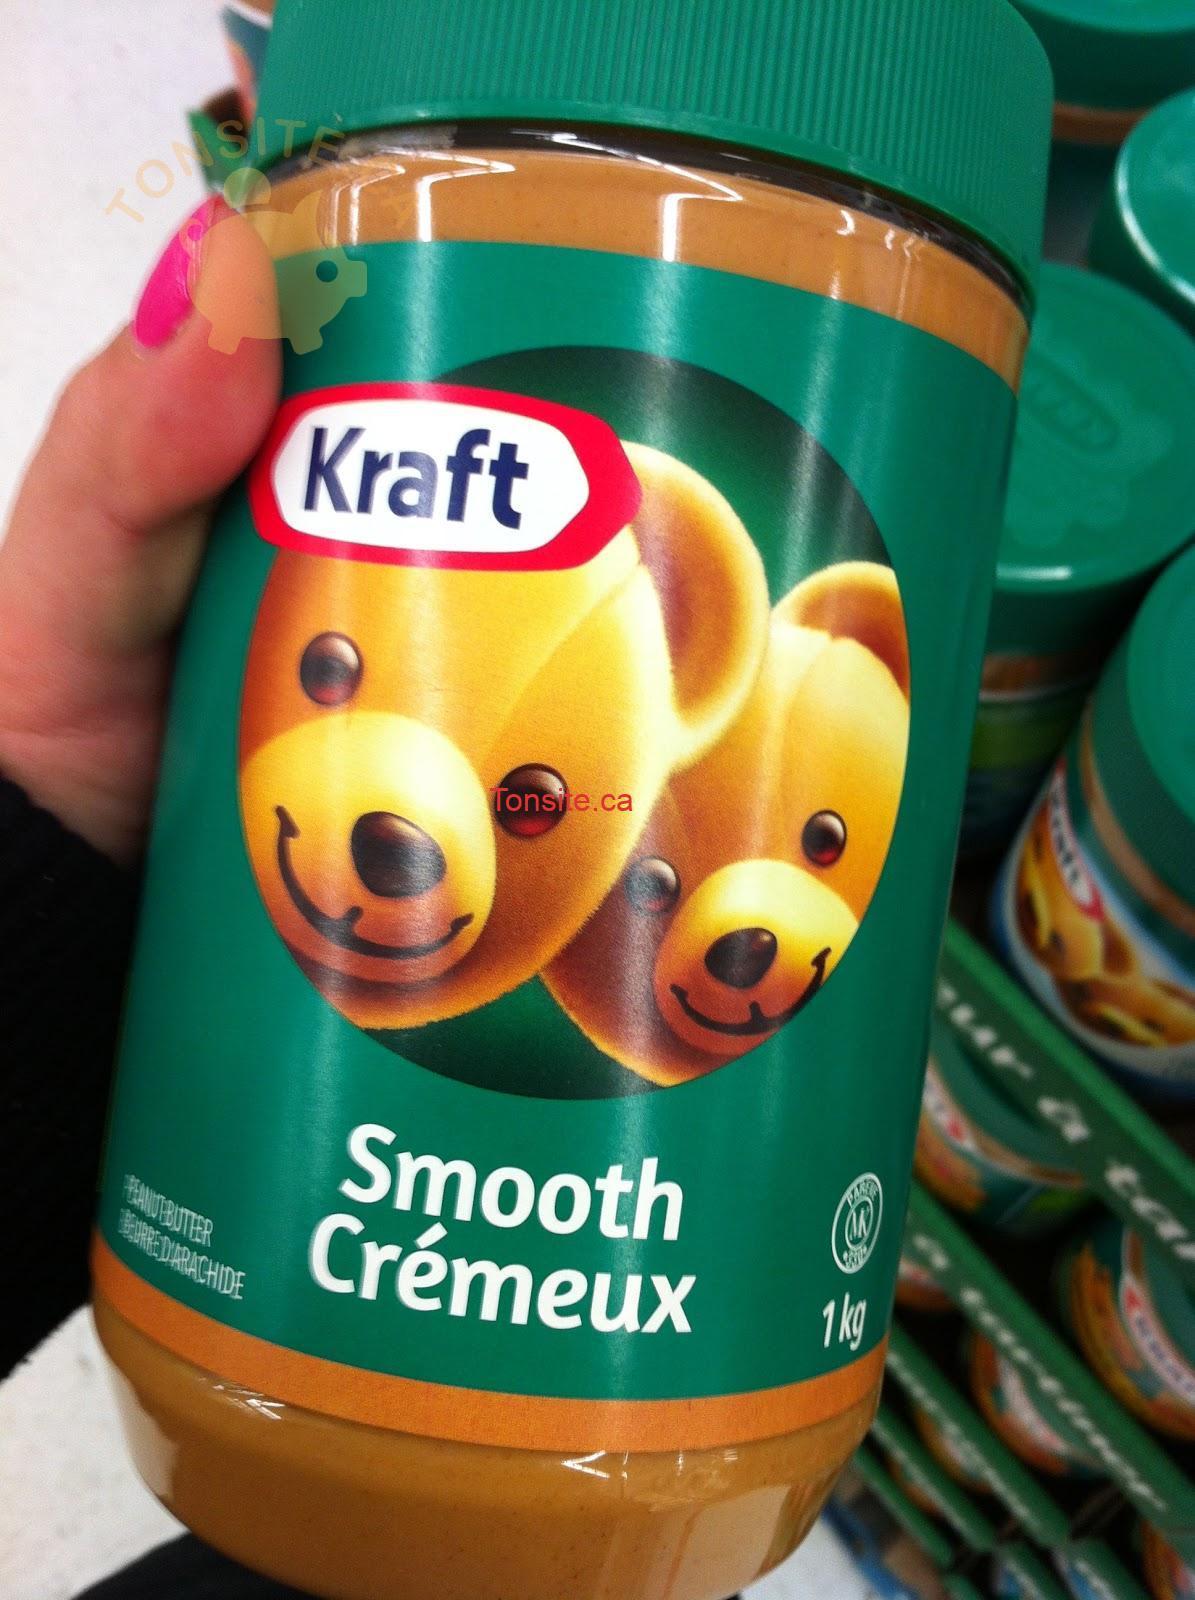 krat 1kg - Kraft beurre d'arachides 1kg à 2,97 au lieu de 6,29$(sans coupon)